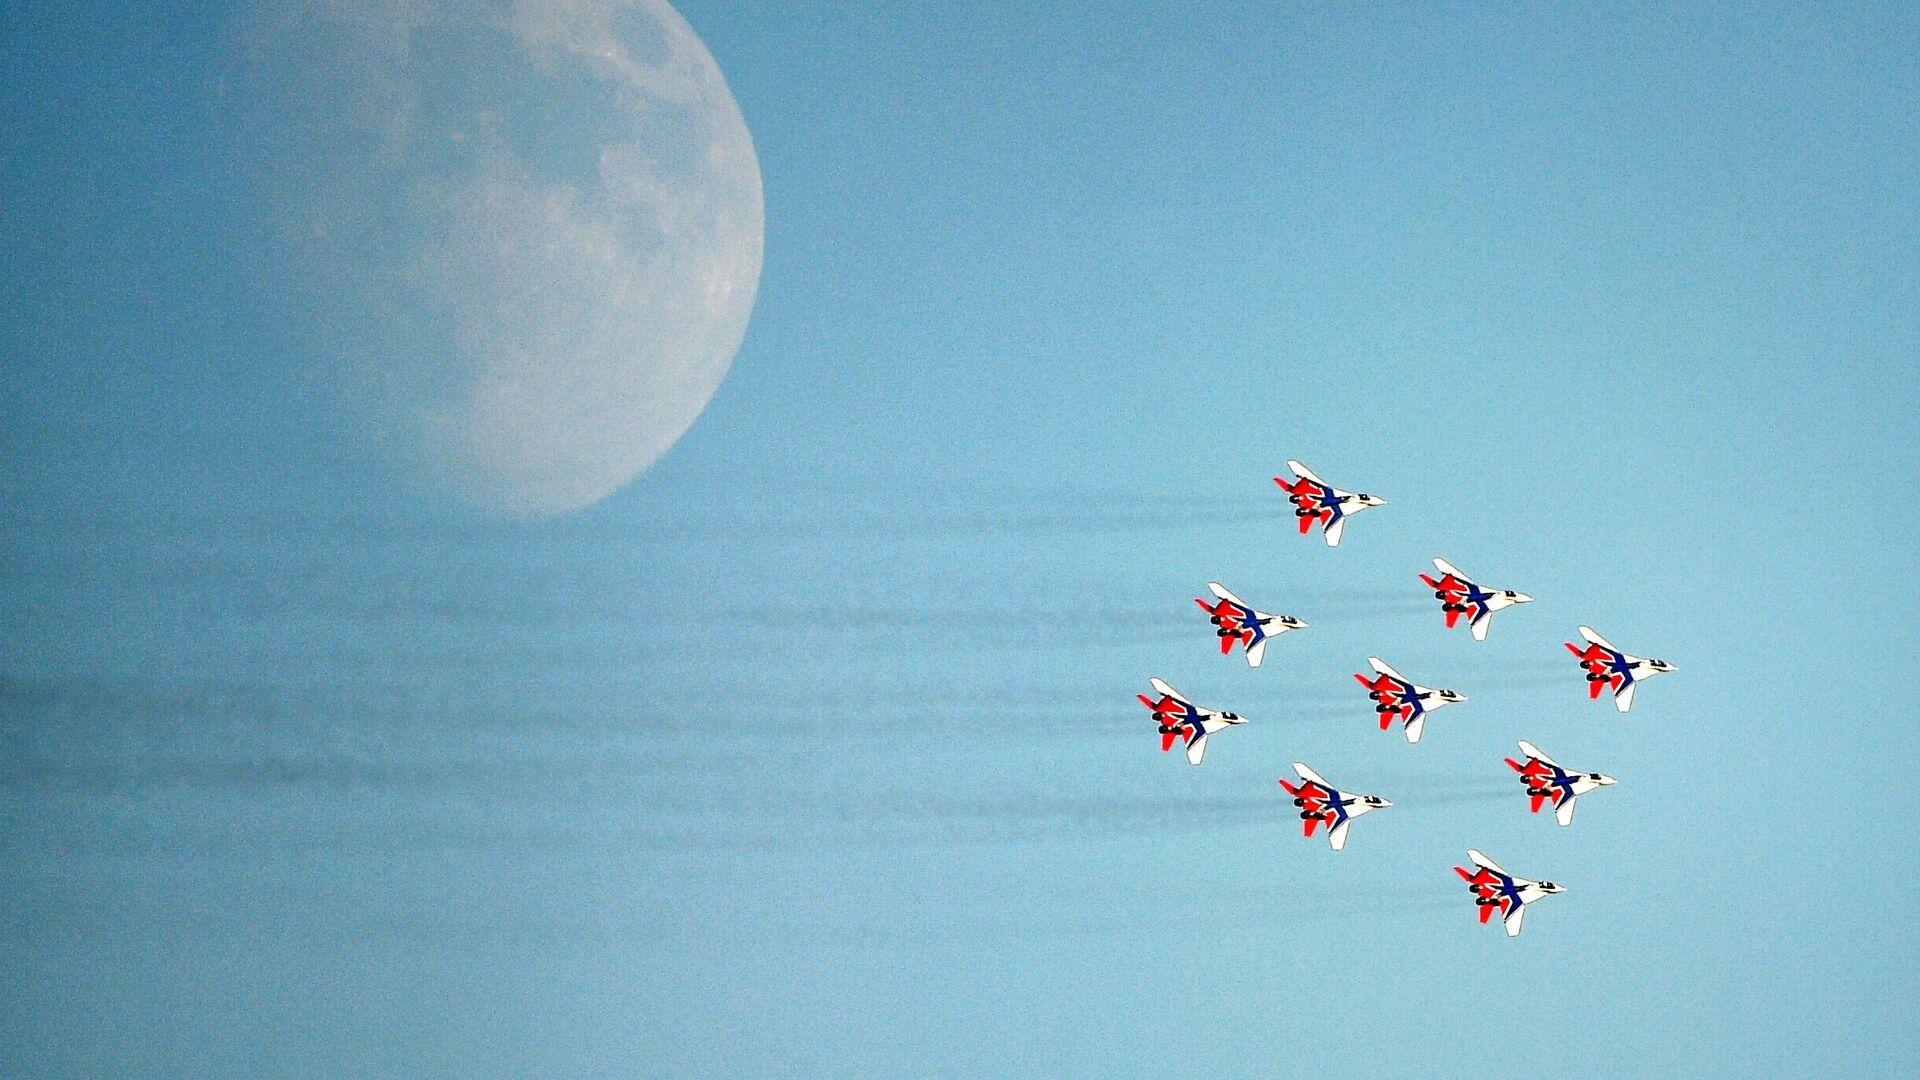 Пилотажная группа Стрижи на самолетах МиГ-29 во время выполнения летной программы на МАКС-2021 - Sputnik Mundo, 1920, 26.07.2021